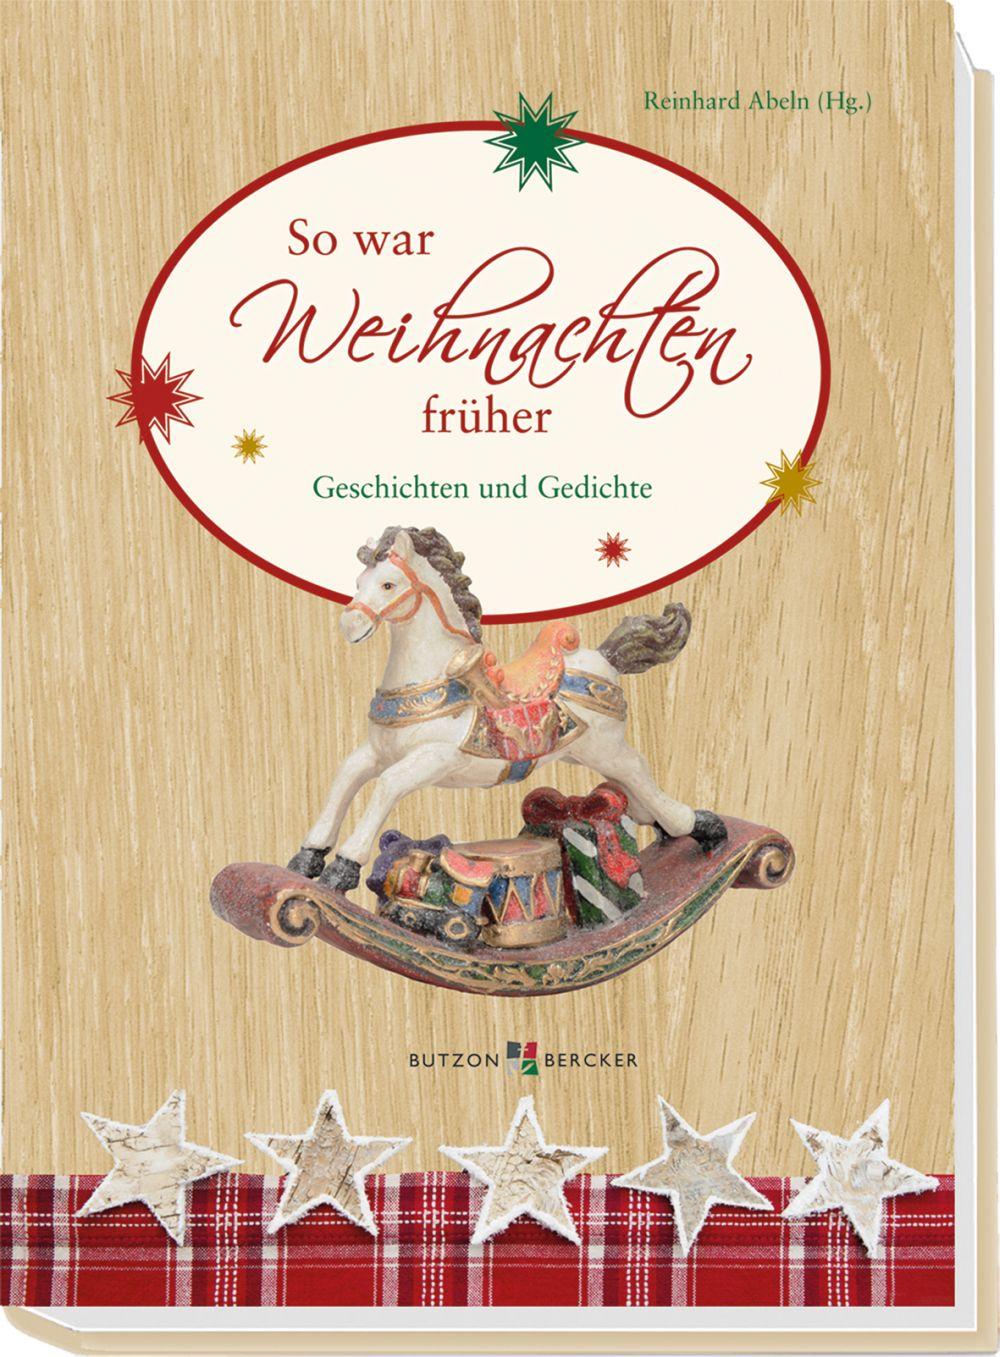 Weihnachten Gedichte.So War Weihnachten Früher Geschichten Und Gedichte